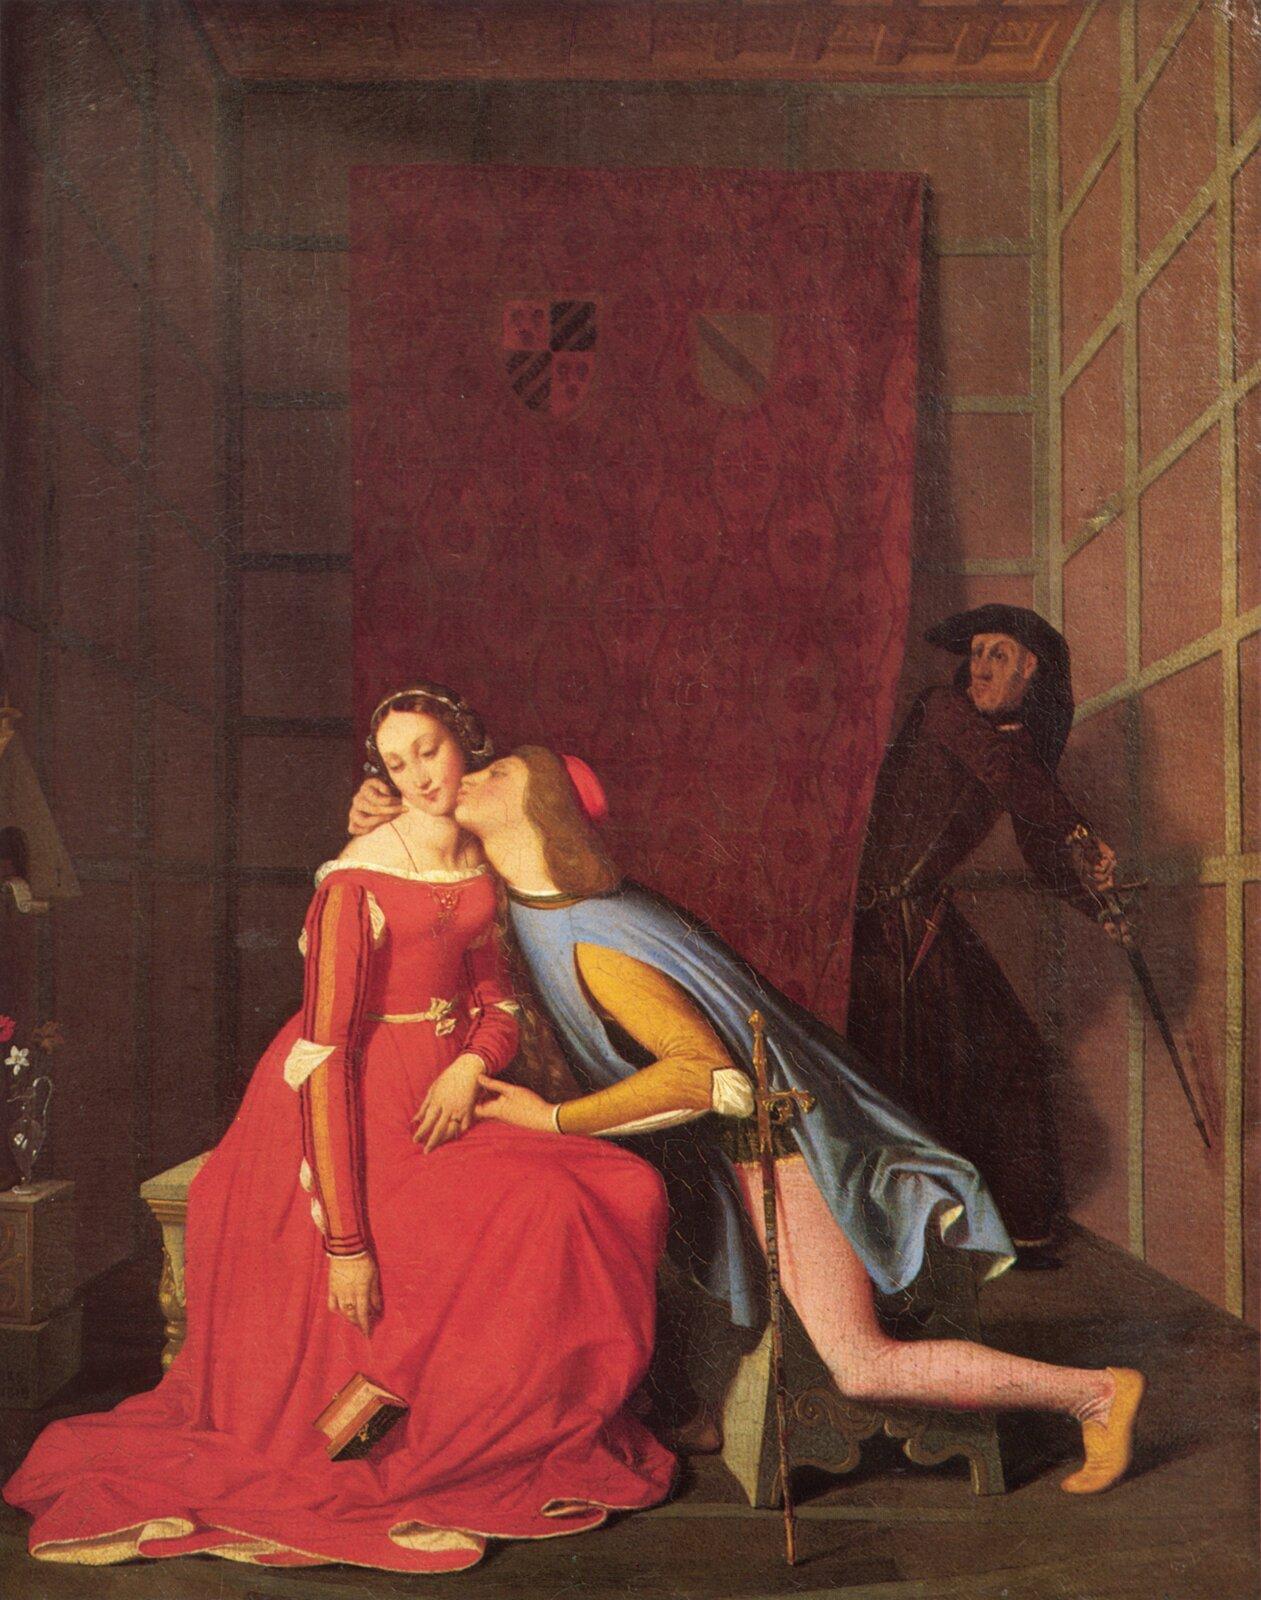 """Ilustracja przedstawia obraz Jeana Auguste Dominique Ingresa """"Francesca da Rimini iPaolo Malatesta"""". Na obrazie widzimy mężczyznę całującego kobietę wpoliczek. Za postaciami wisi na ścianie kotara, zza której wychodzi mężczyzna zmieczem uniesionym wgórę. Postacie na obrazie mają stroje zgodne zepoką."""